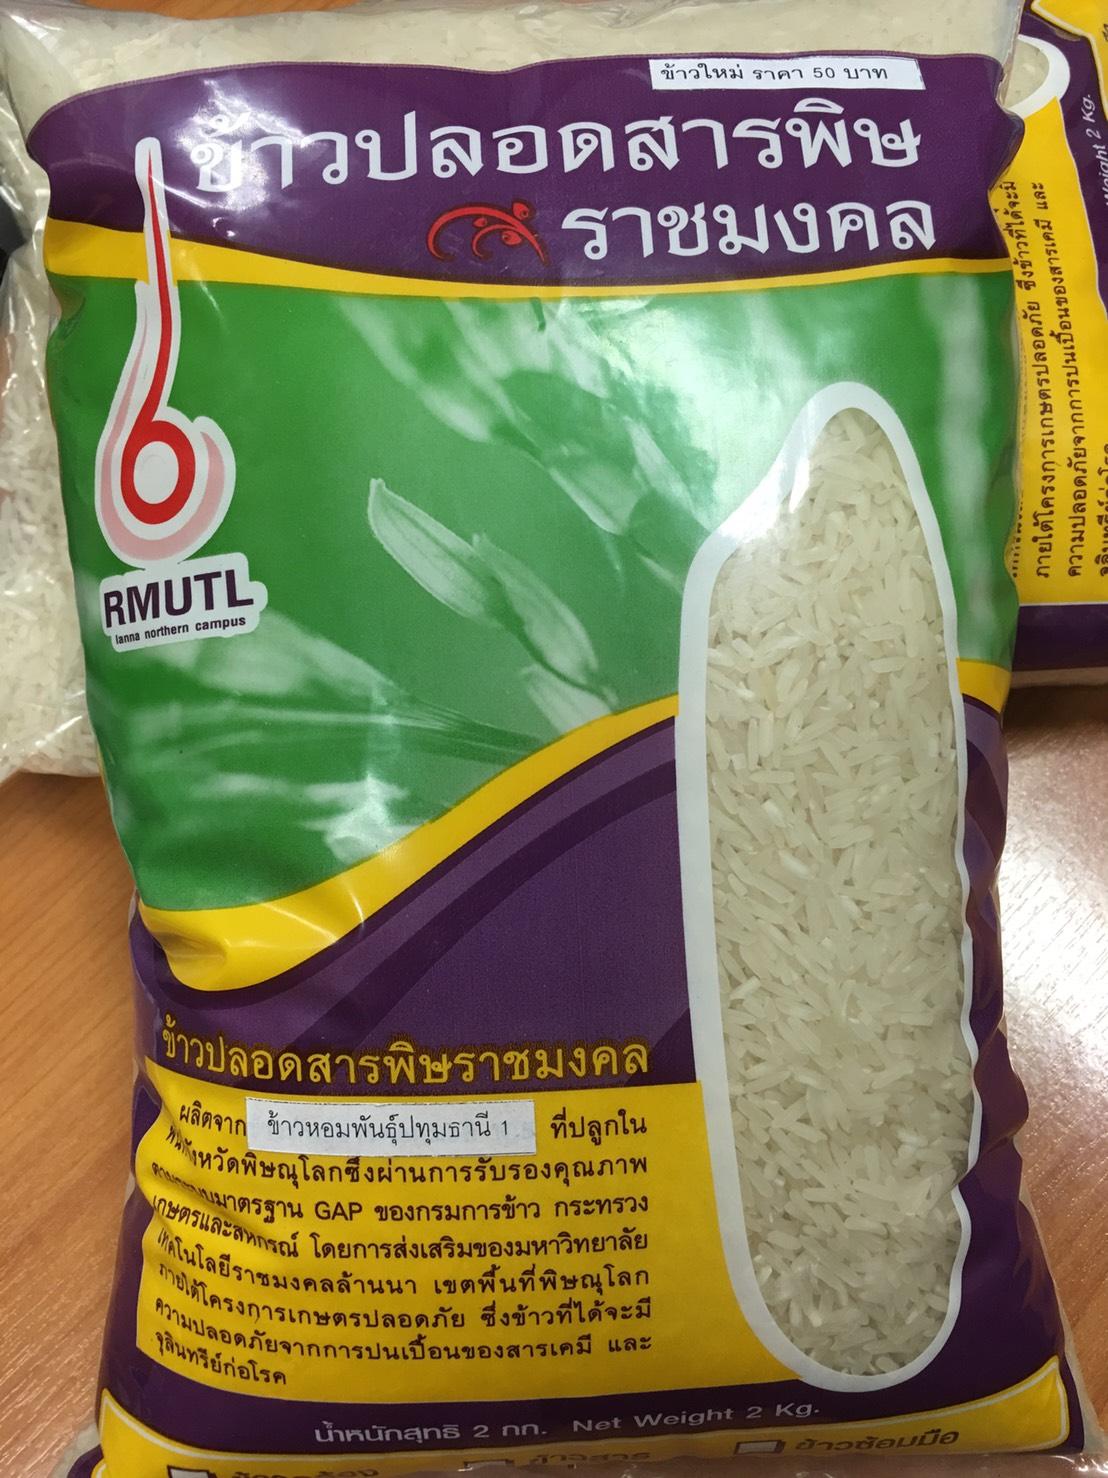 มทร.ล้านนา เปิดรั้วมหาวิทยาลัยจำหน่ายข้าวหอมมะลิ เกรด A ปลอดสารพิษ พันธุ์ปทุมธานี 1 เพื่อช่วยเหลือเกษตกรผู้ปลูกข้าวในพื้นที่ภาคเหนือตอนล่าง